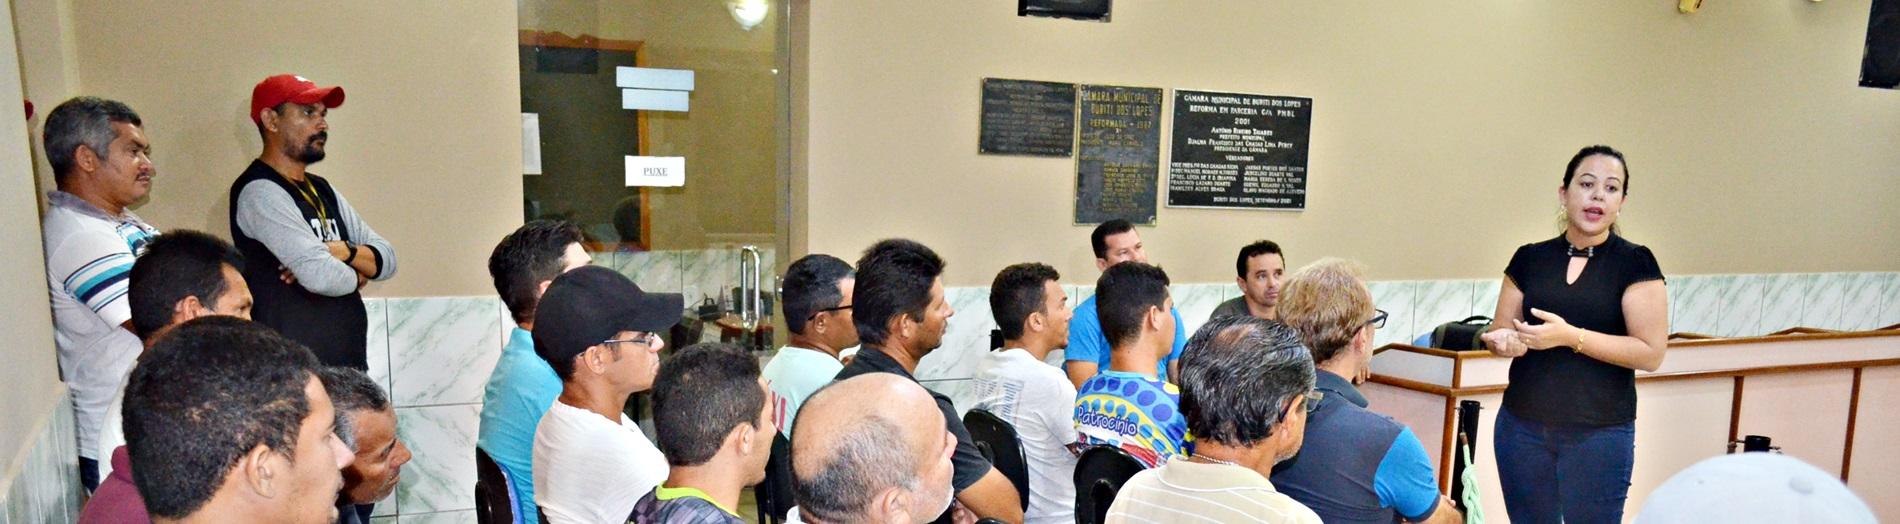 Em Reunião Taxistas Buritienses Discutem Questões Relativas à Categoria